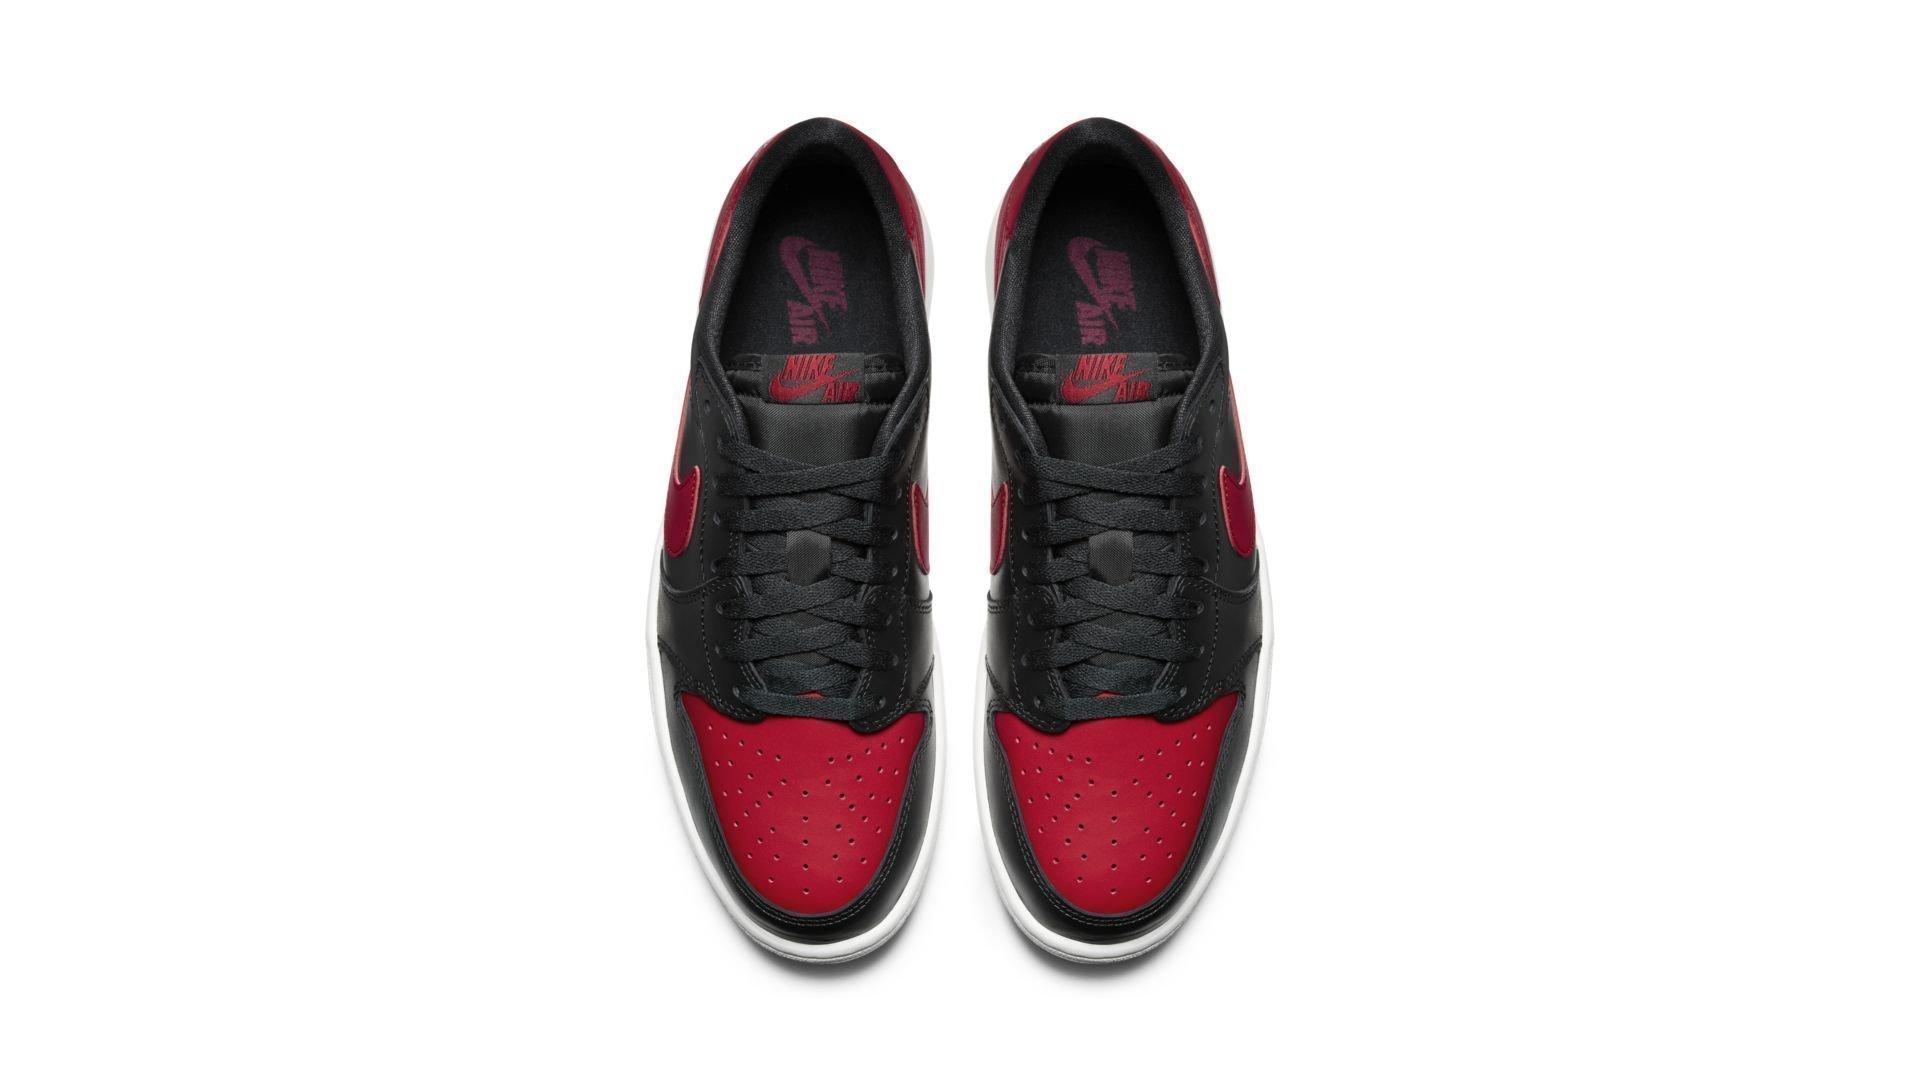 Jordan 1 Retro Low Bred (2015) (705329-001)